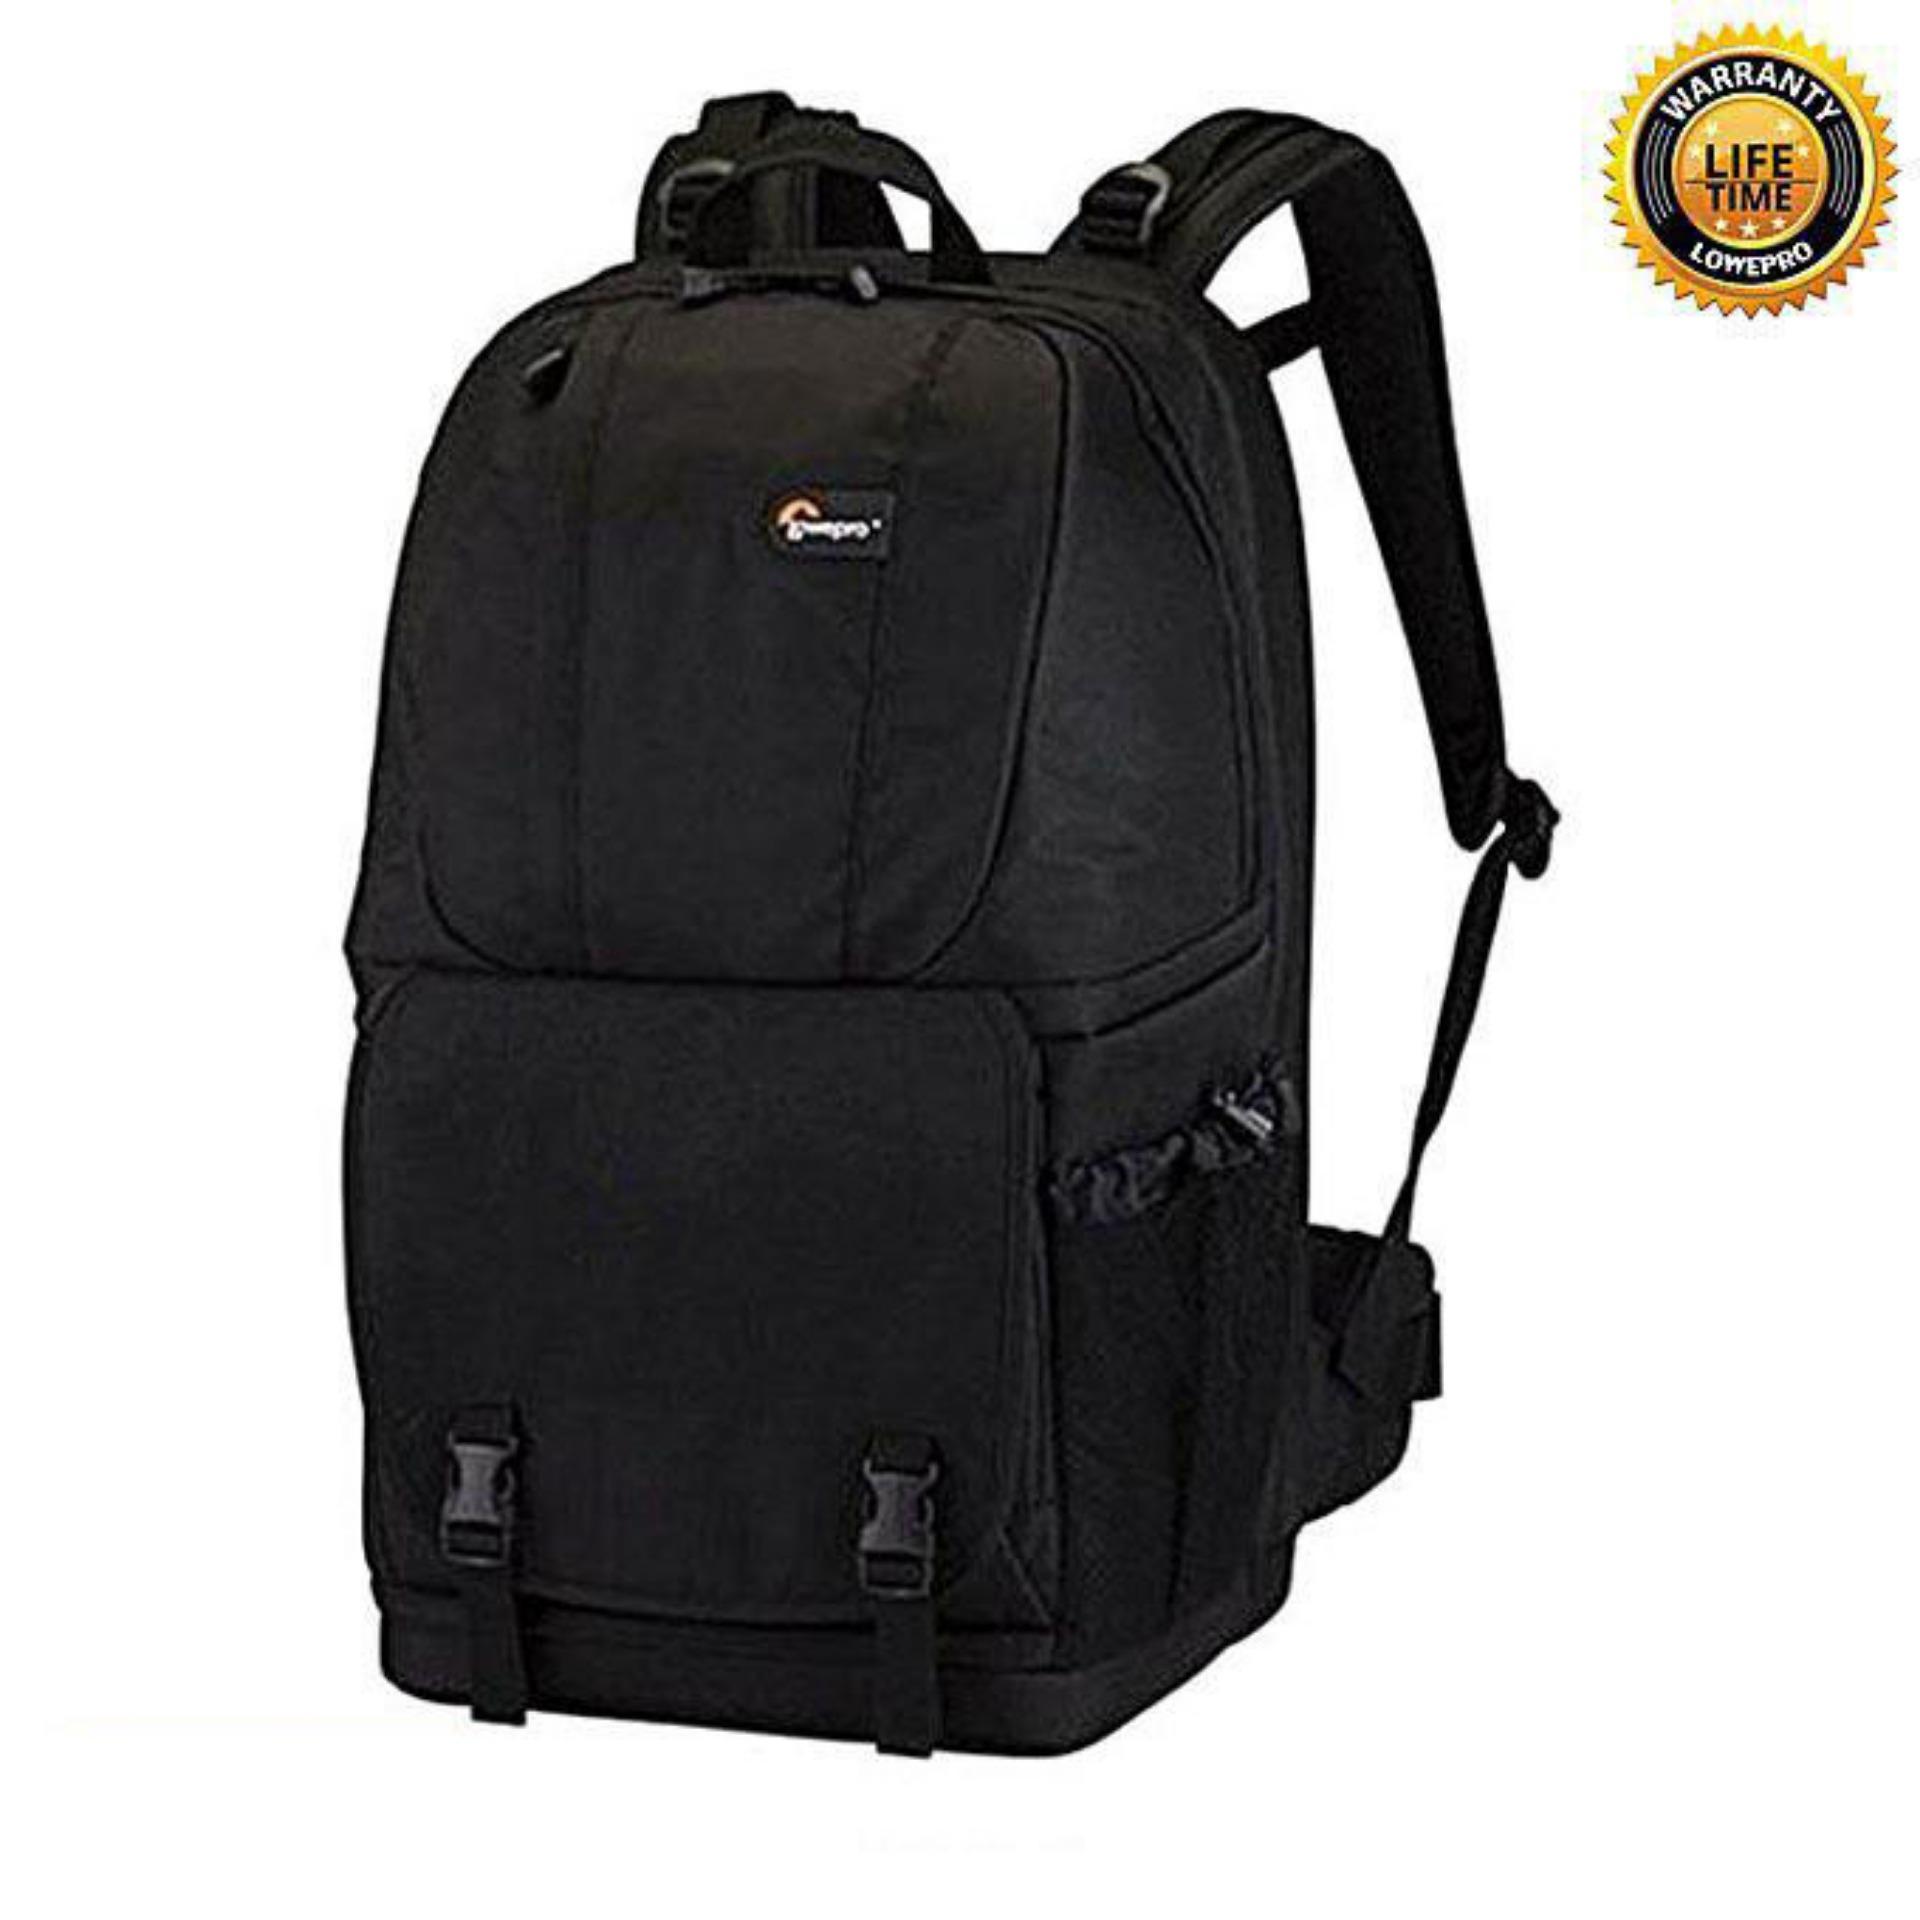 Fastpack 350 Backpack - Black